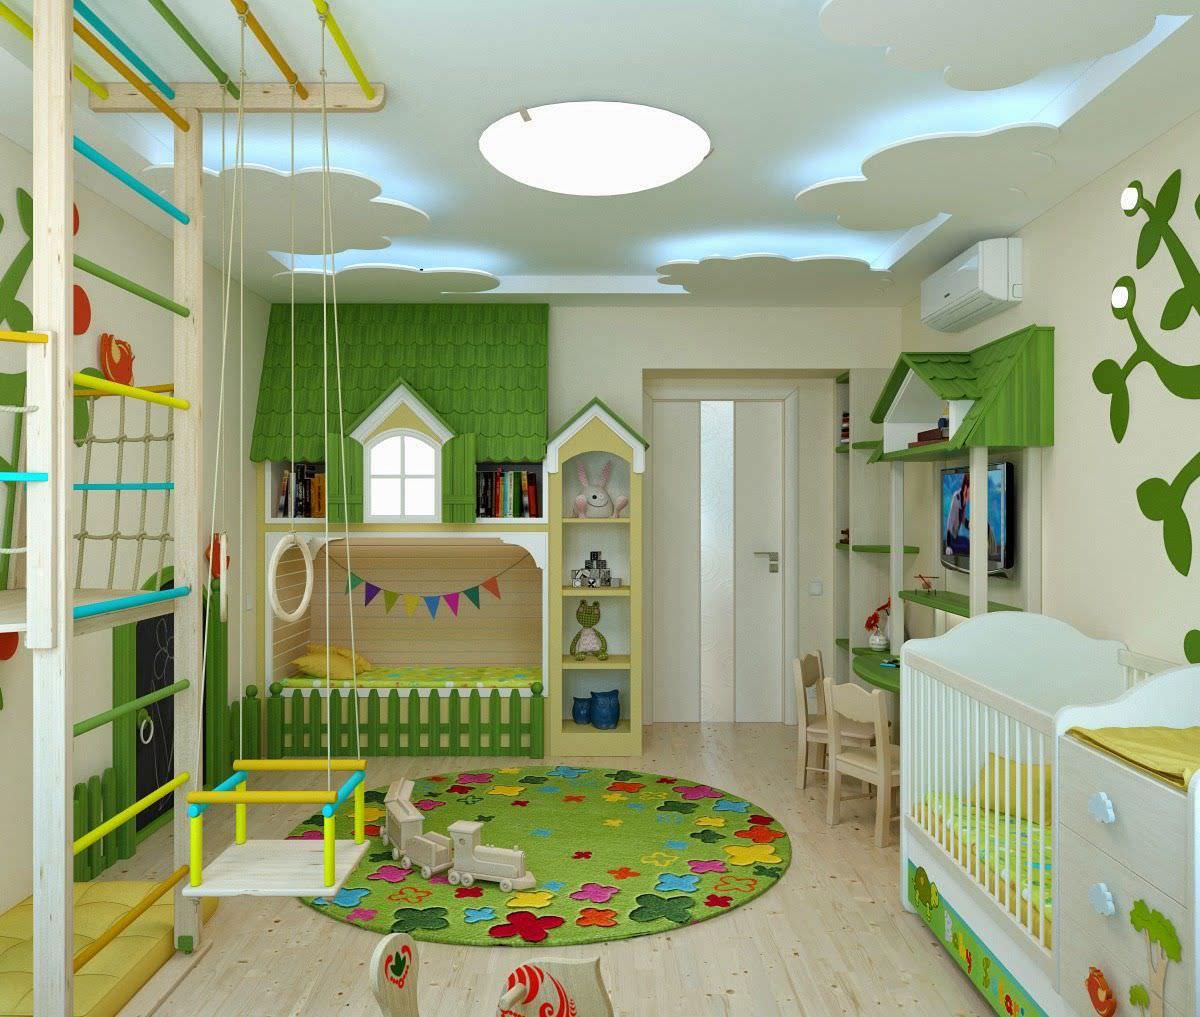 Lampadari Per Stanza Ragazzi illuminazione cameretta bambini • tra gioco e studio • 25